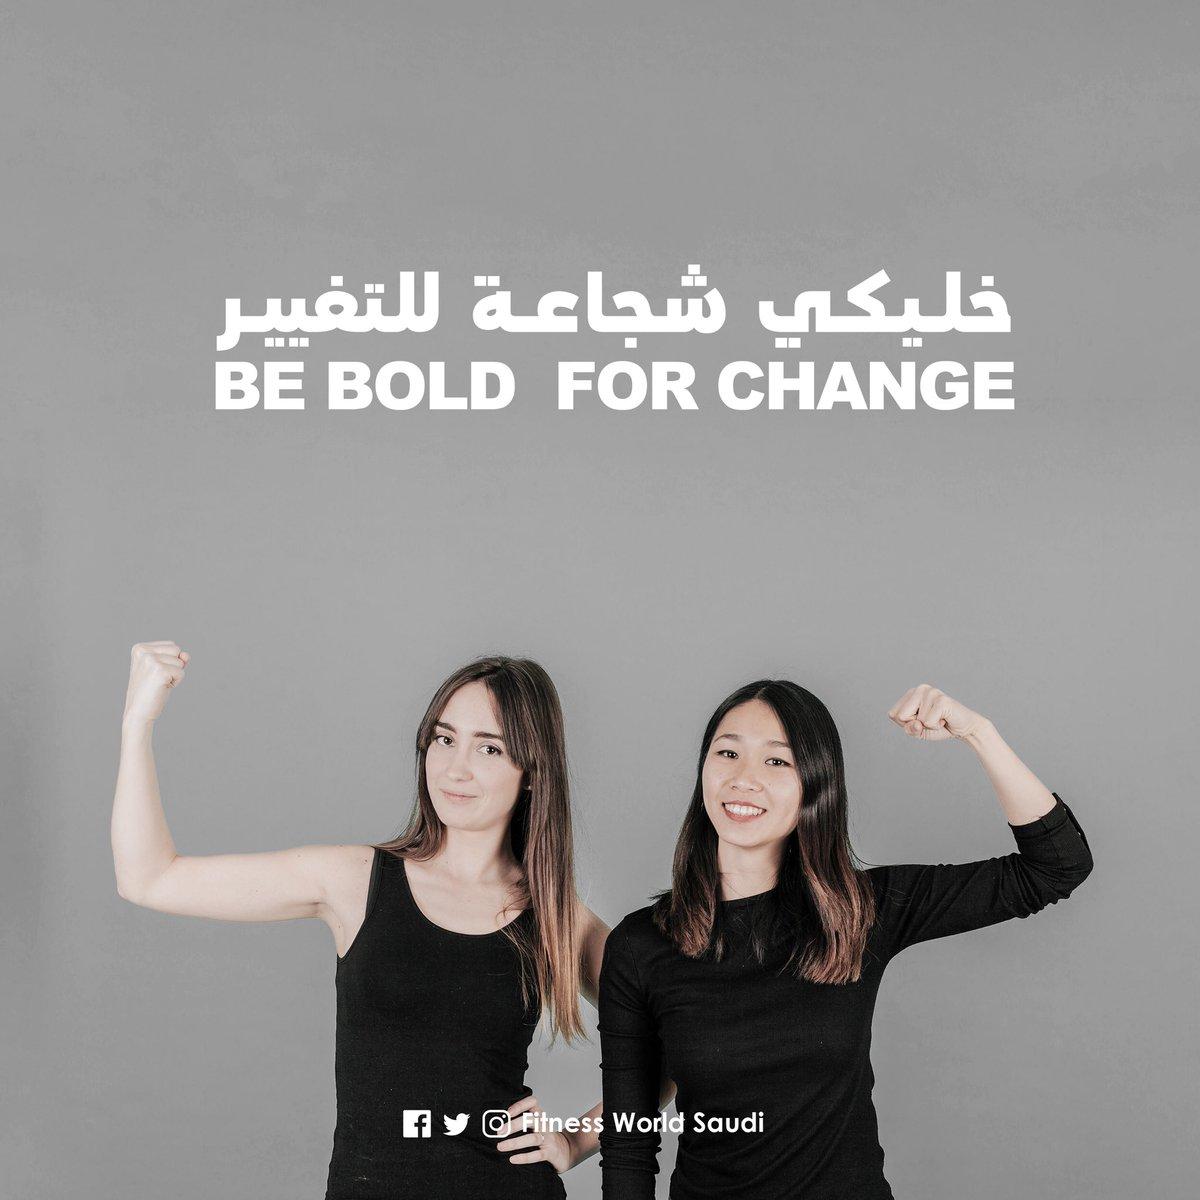 في #اليوم_العالمي_للمرأة نحب نقول لك إنك أقوى مما تتخيلي https://t.co/6kCcvZQJlU